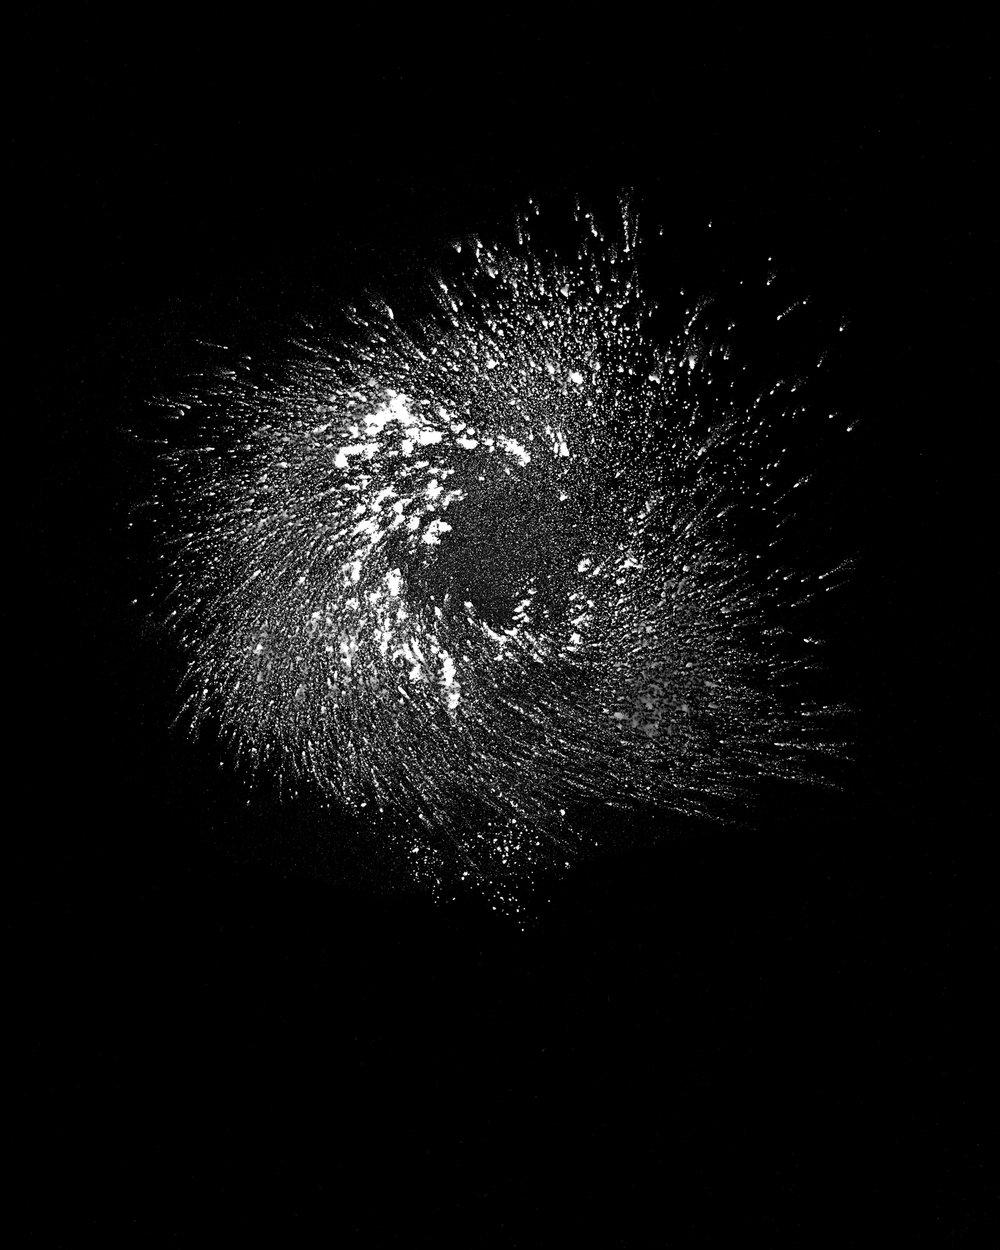 Cosmic #1 (2018). Unique photogram, selenium-toned, gelatin silver print, 51cm x 41cm.